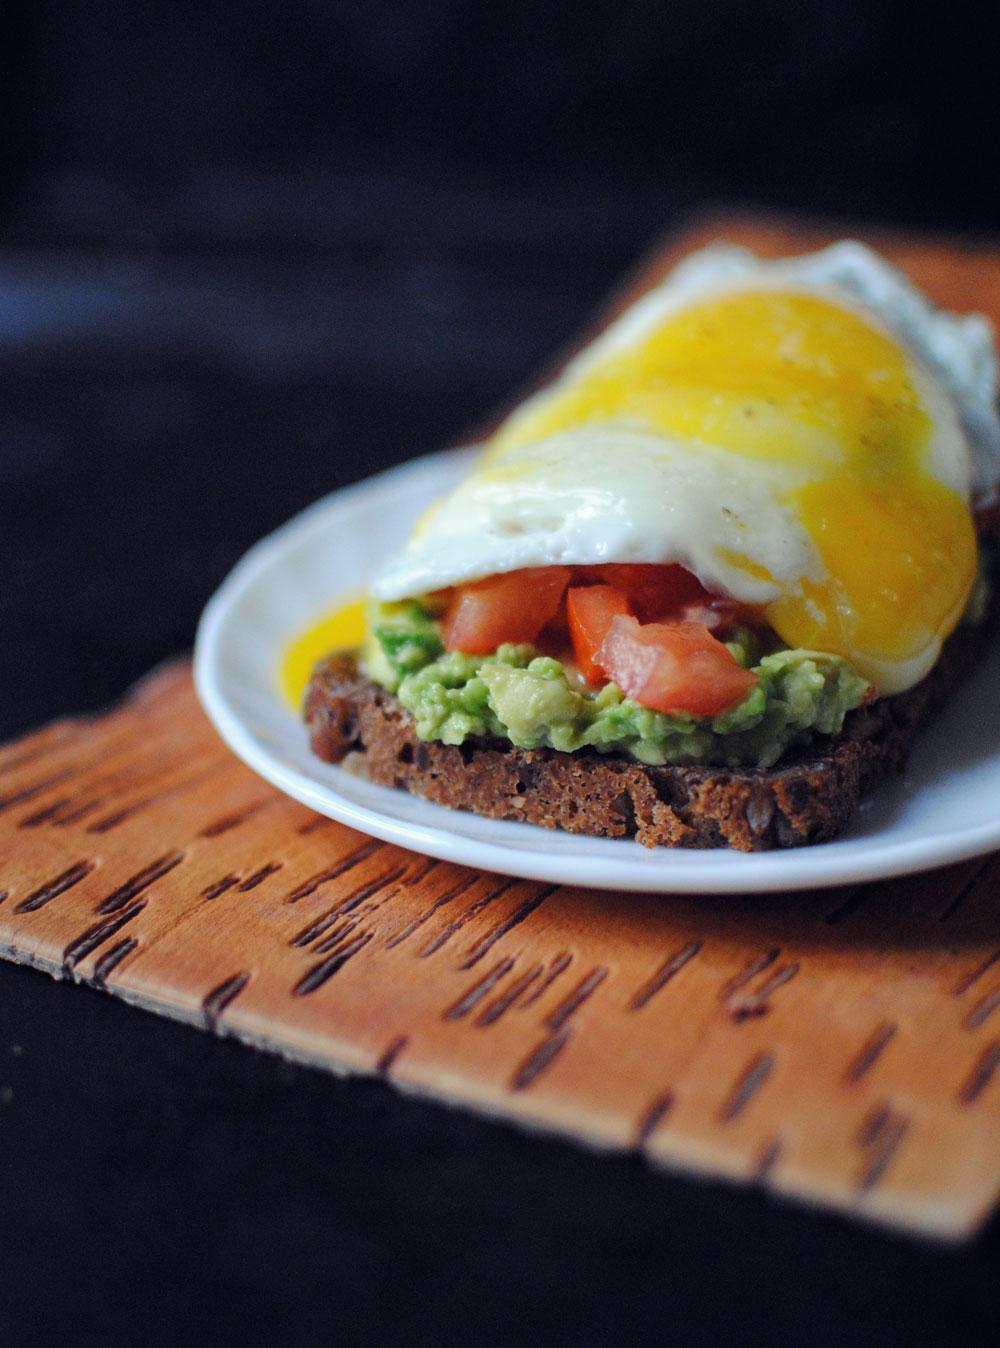 Opskrift: Rugbrød med avocado og æg | Frk. Kræsen